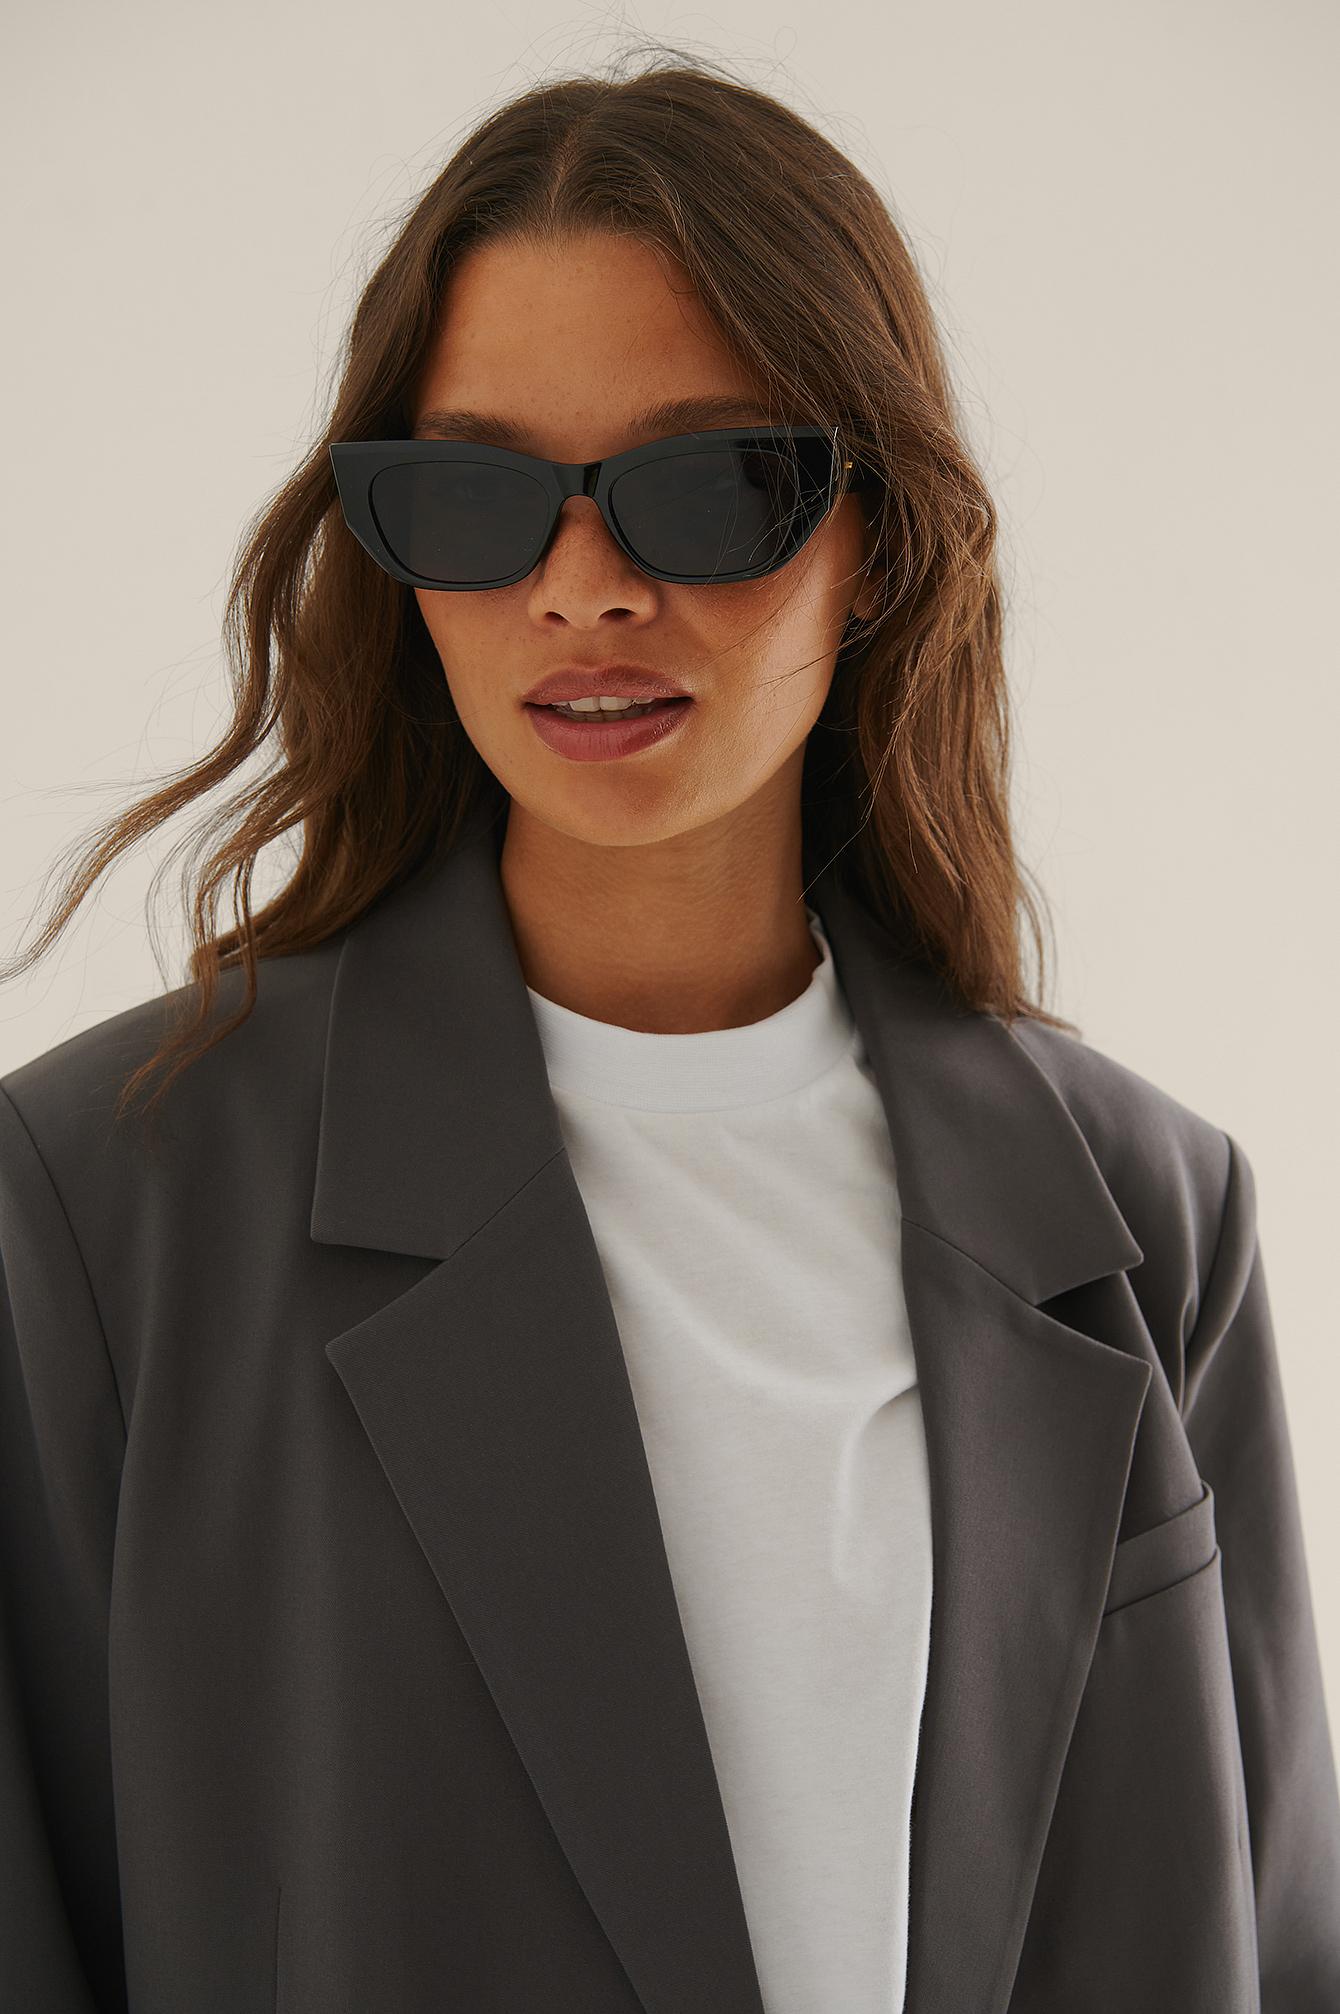 na-kd accessories -  Spitze Cateye-Sonnenbrille - Black